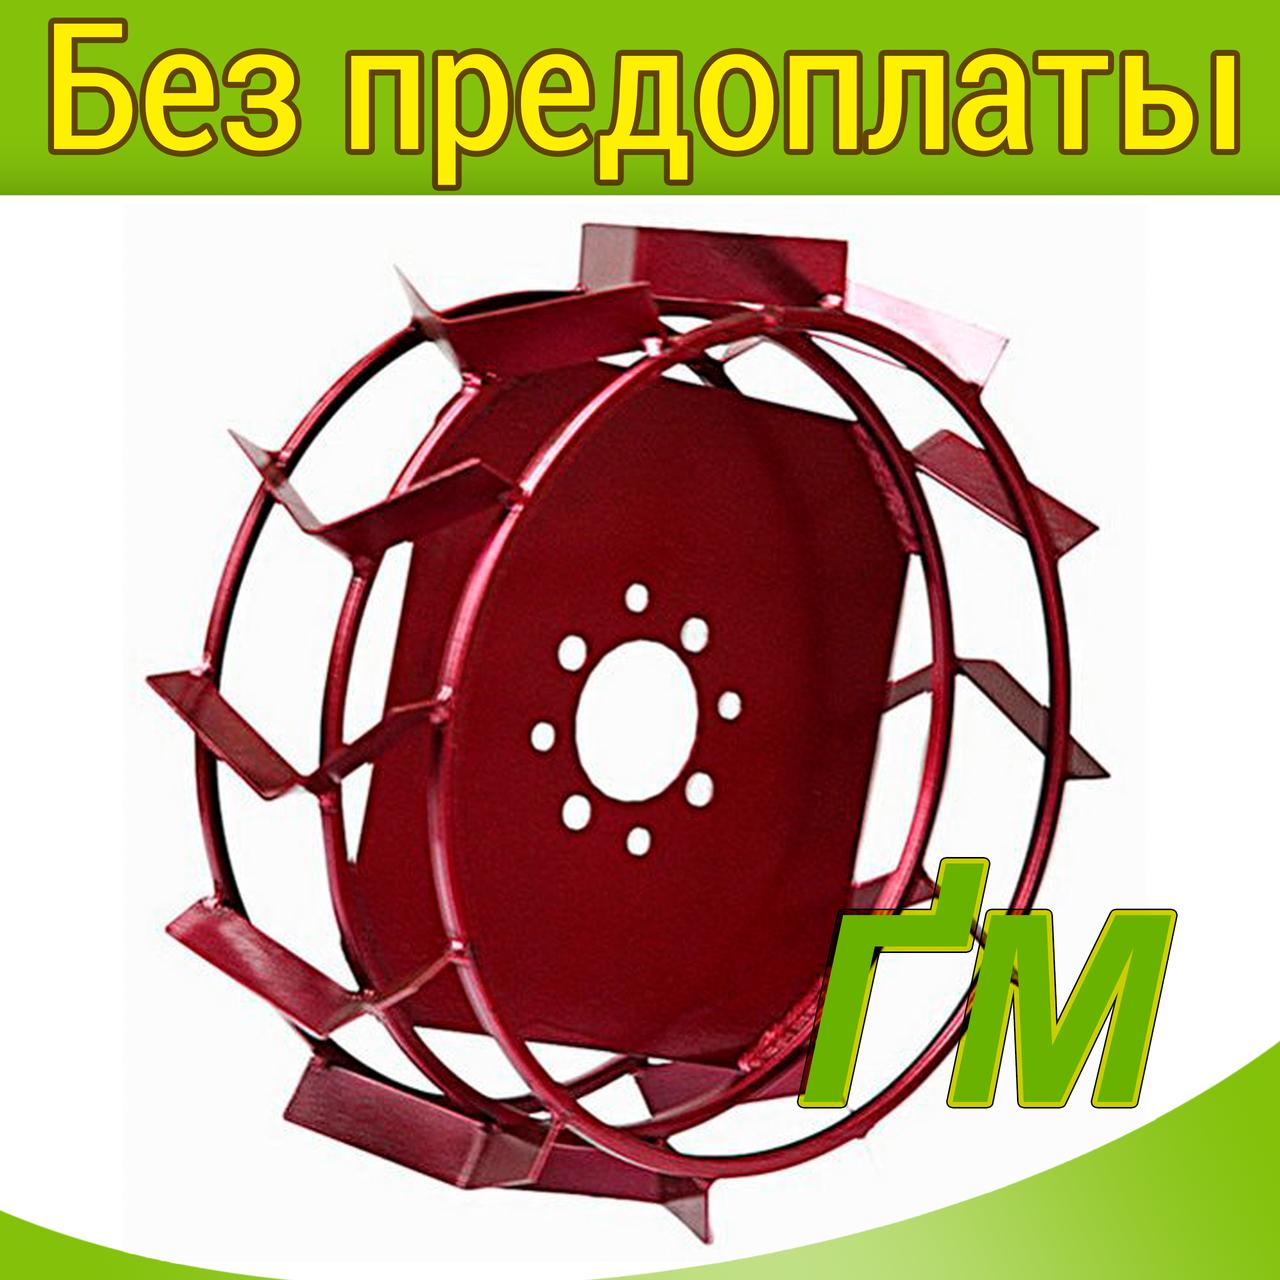 Грунтозацепы (колеса) Ф450 на квадрате